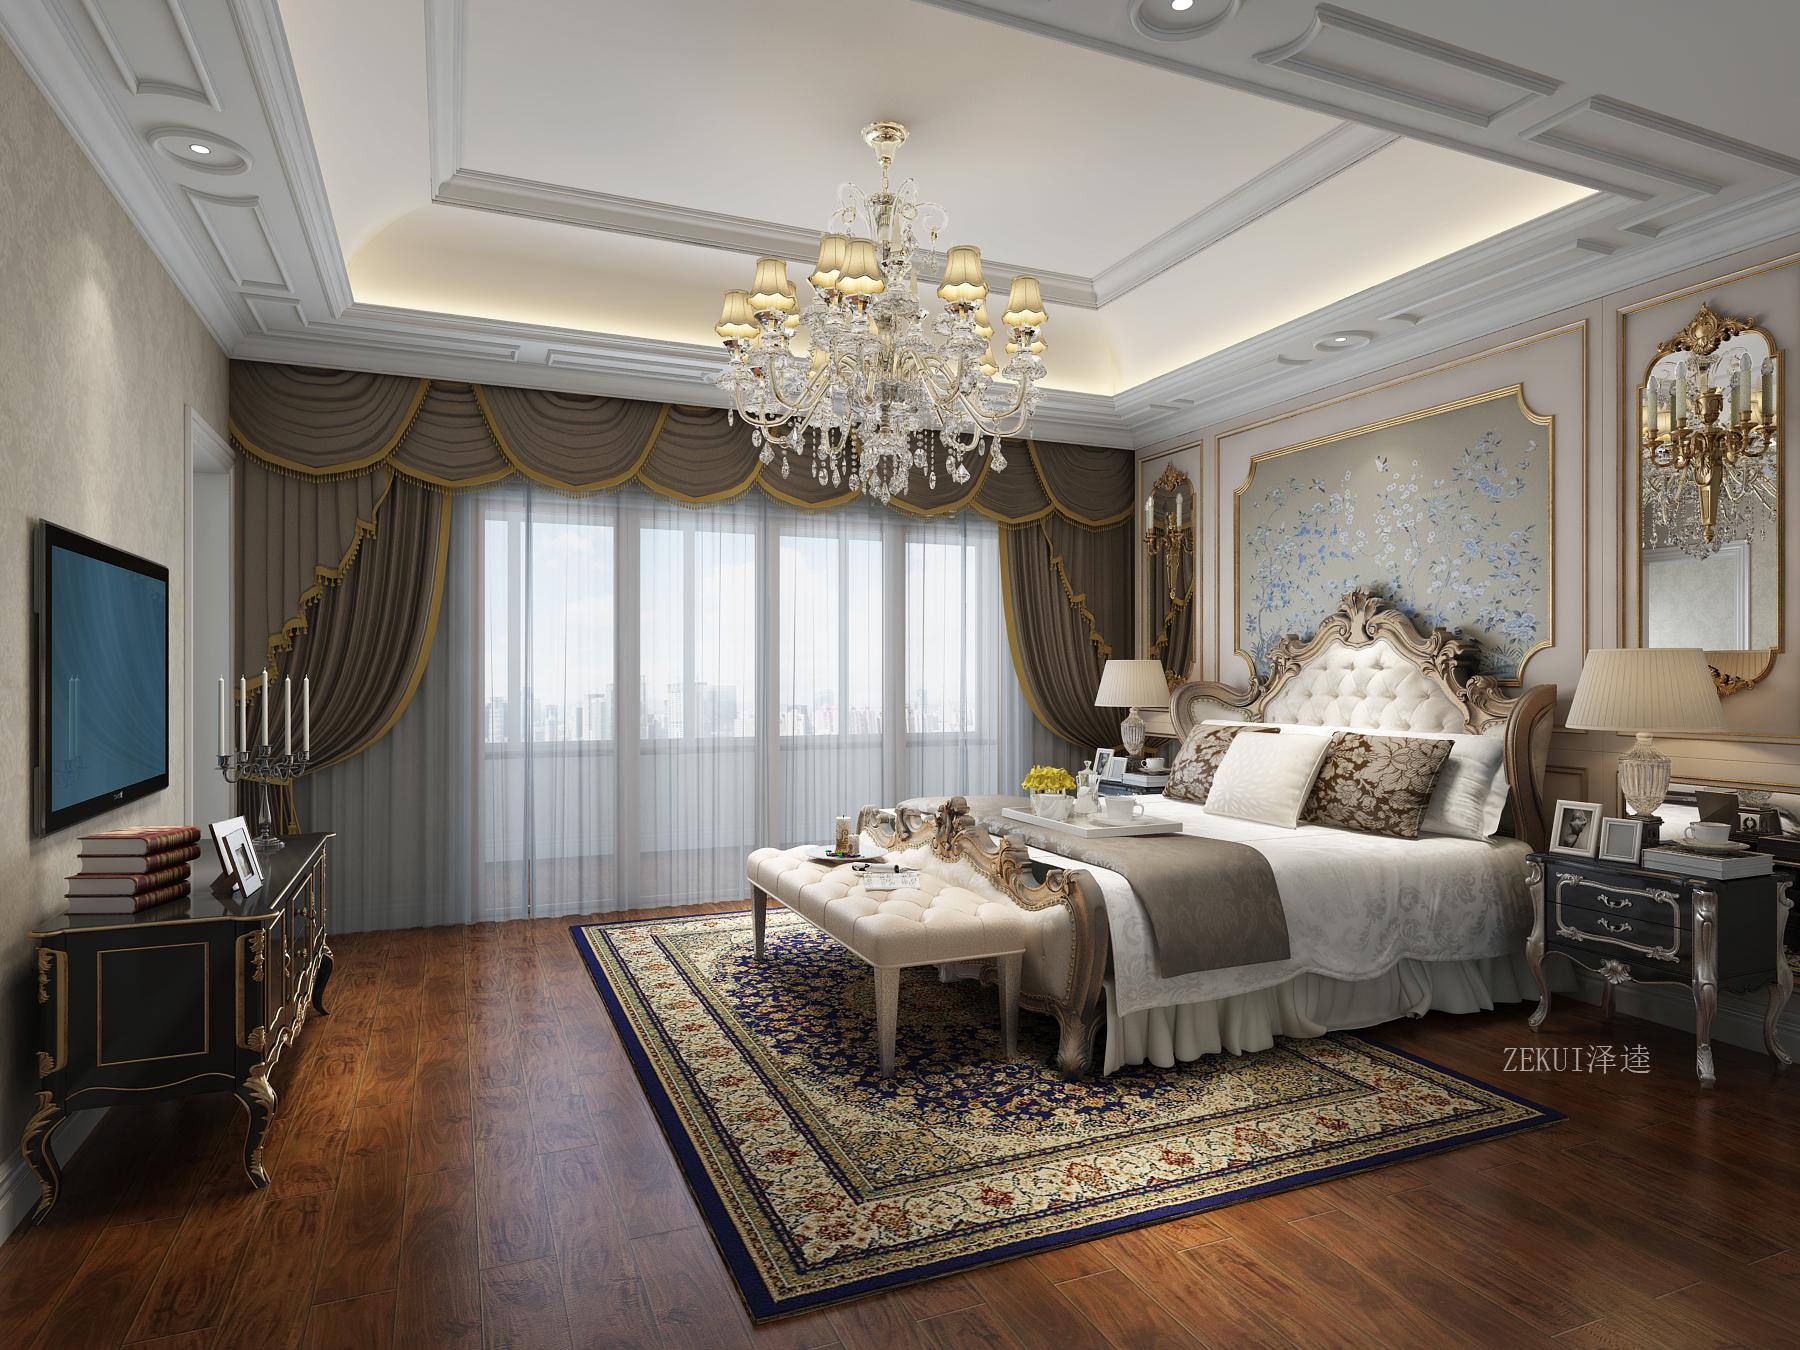 豪华欧式别墅卧室装修效果图